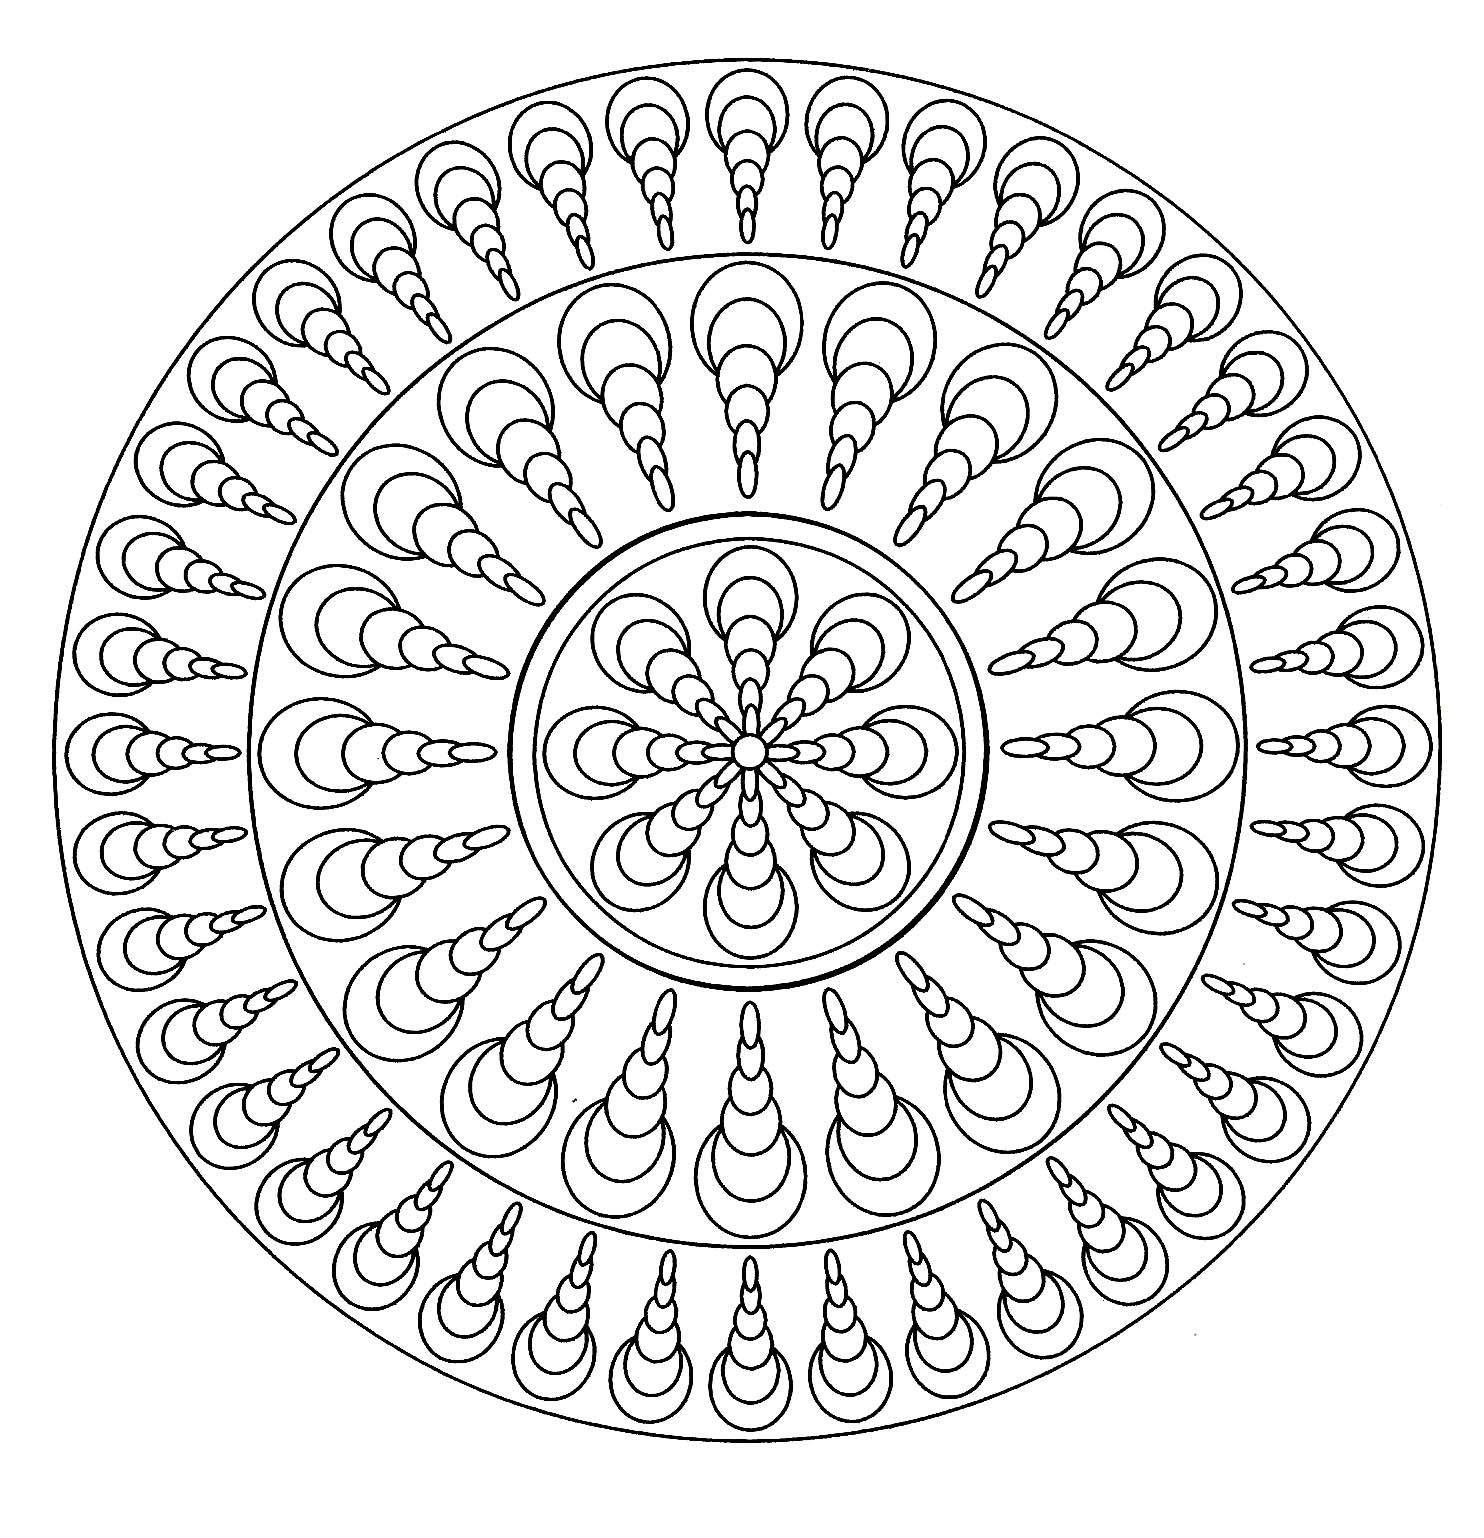 Disegni da colorare per adulti : Mandalas - 230